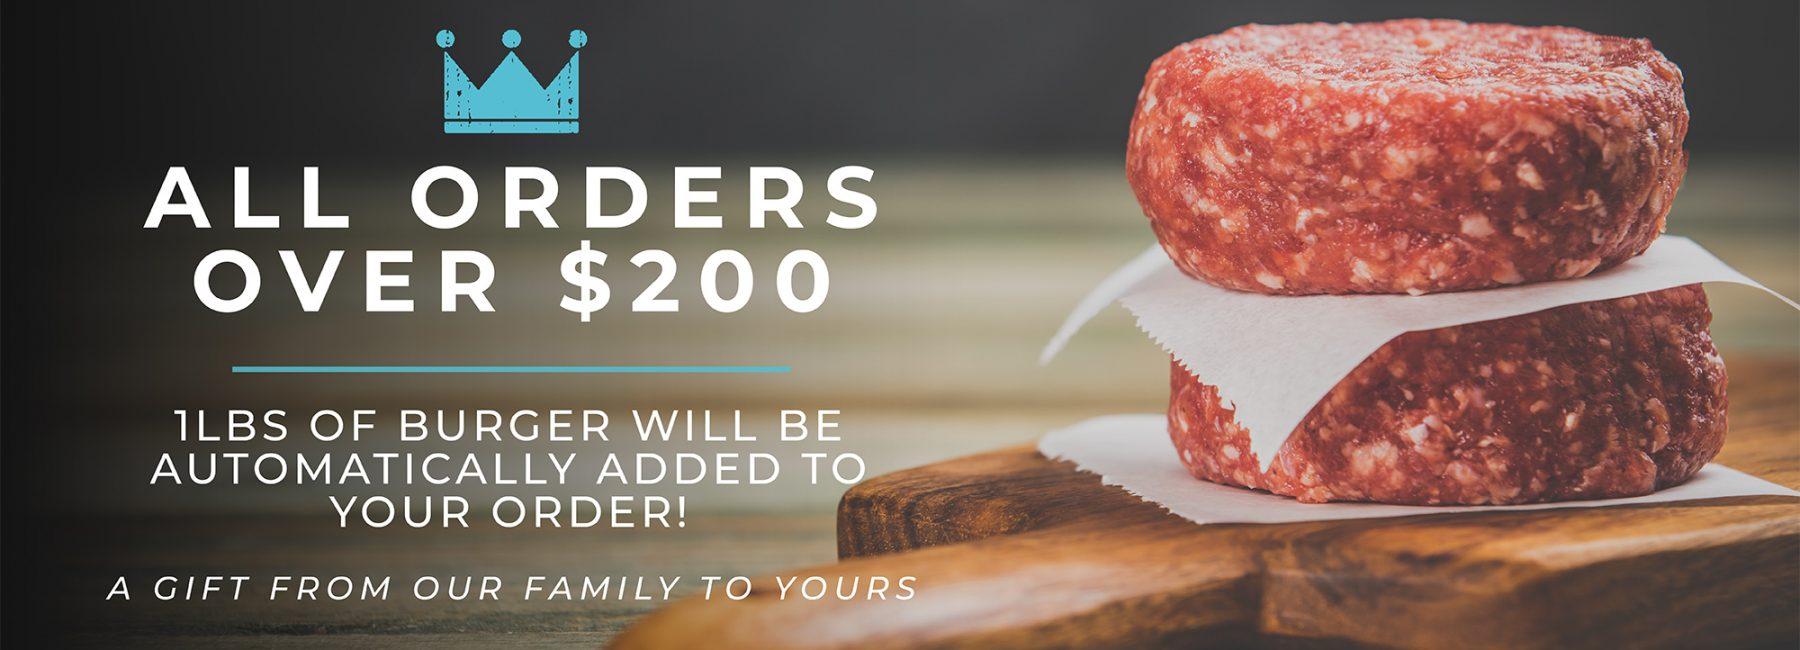 free burger promo